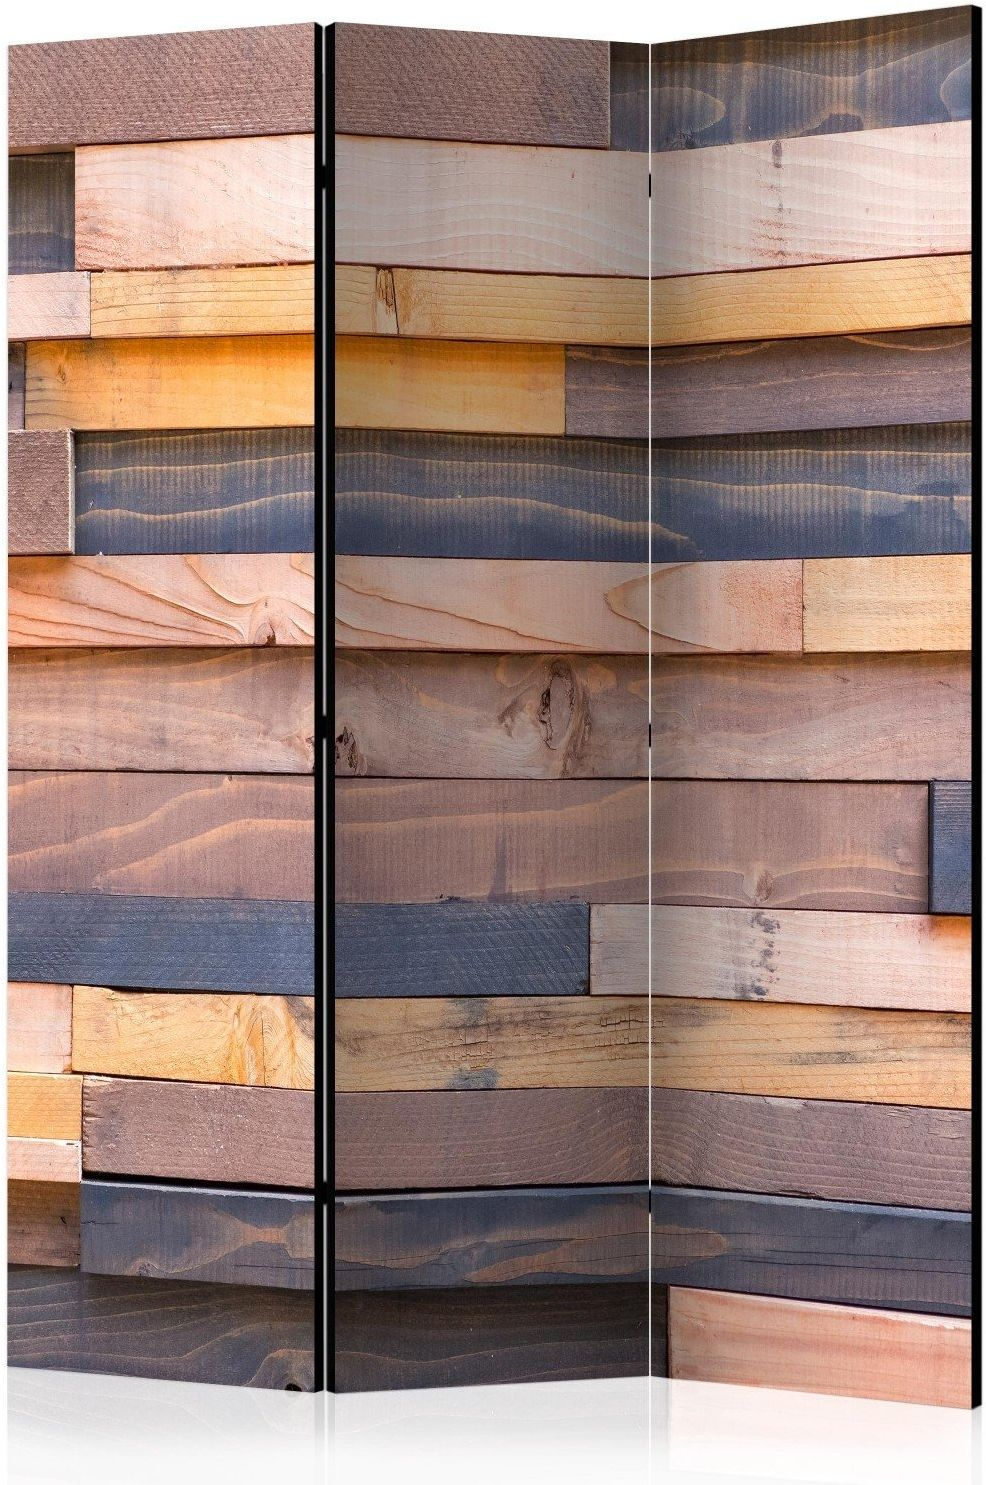 Parawan 3-częściowy - drewniany zamek [room dividers]